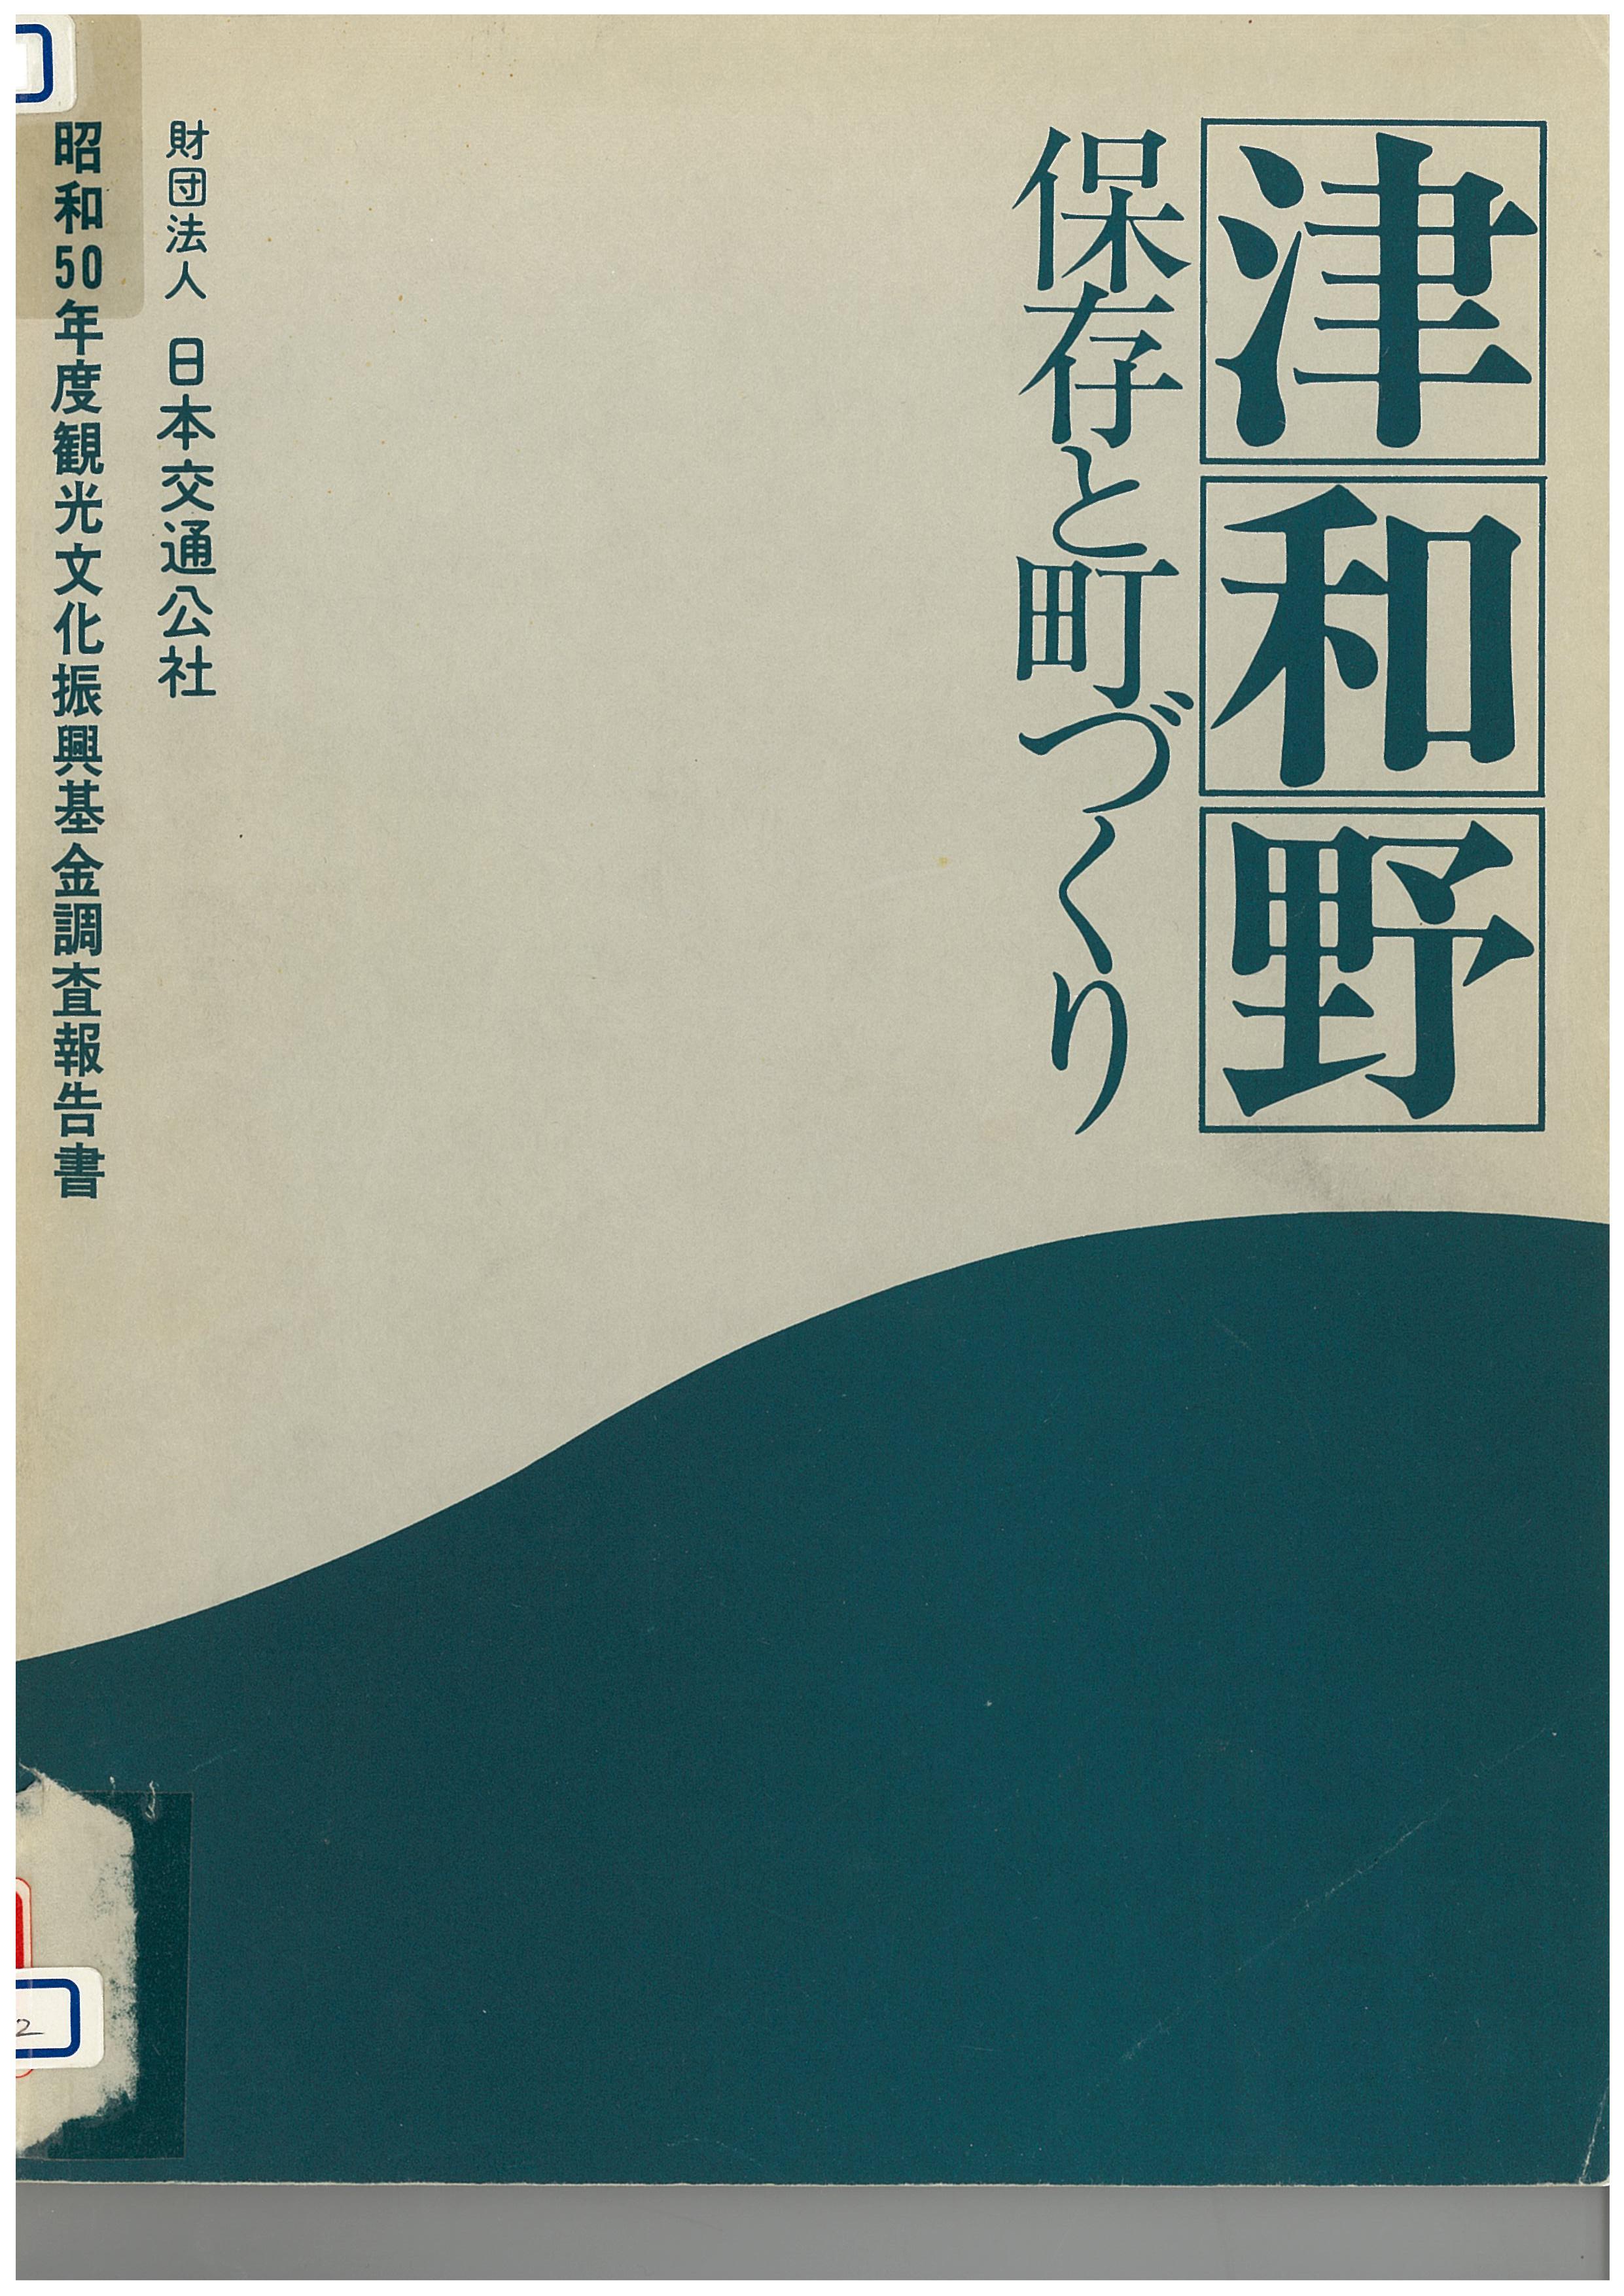 図7 津和野 保存と町づくり、財団法人日本交通公社(表紙)